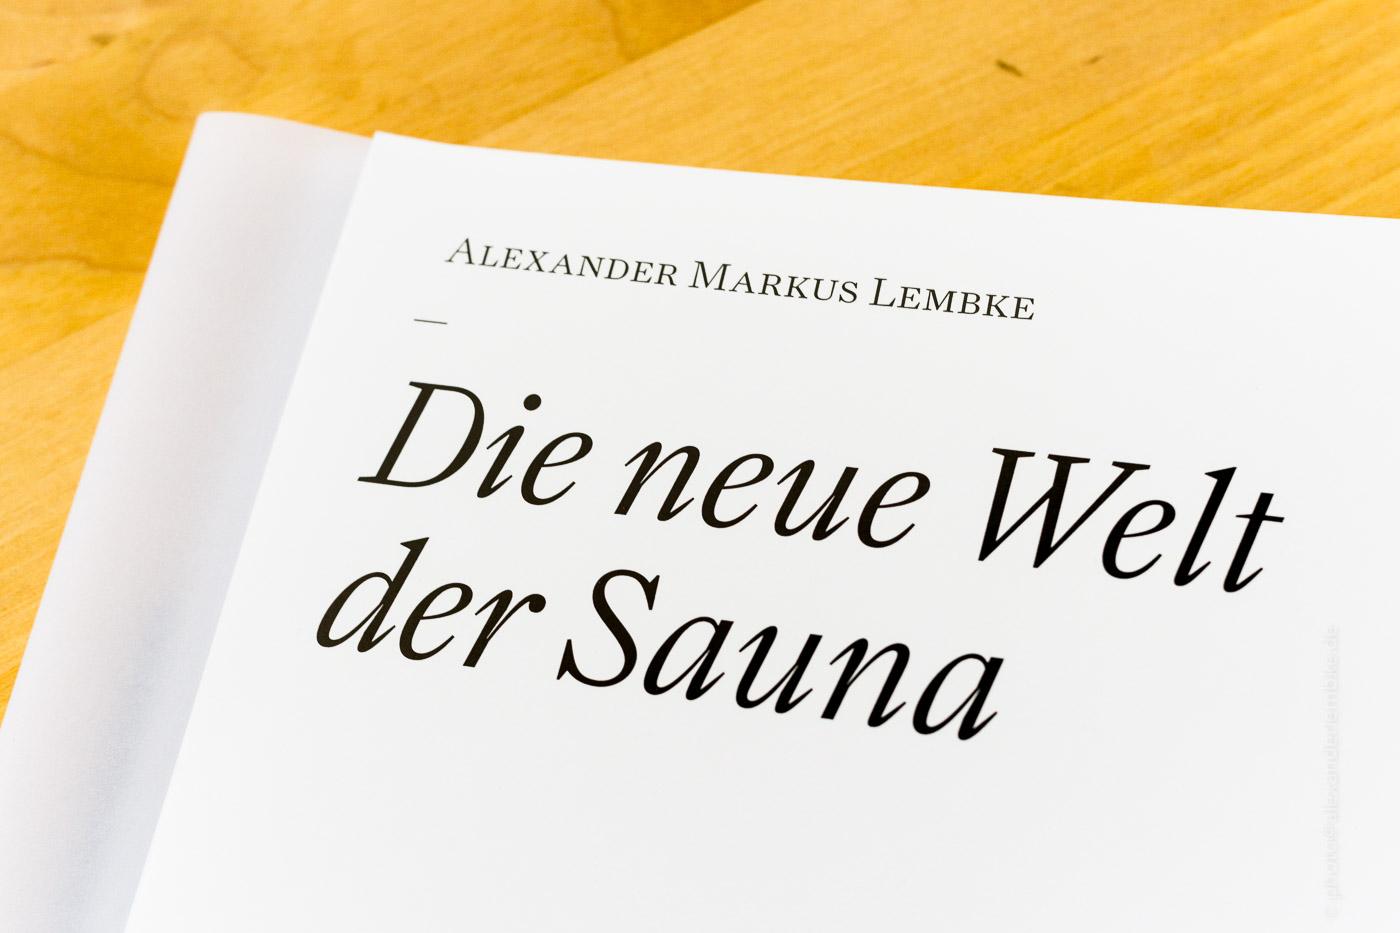 03_katalog_kunsthaus_2018_alexanderlembke_de